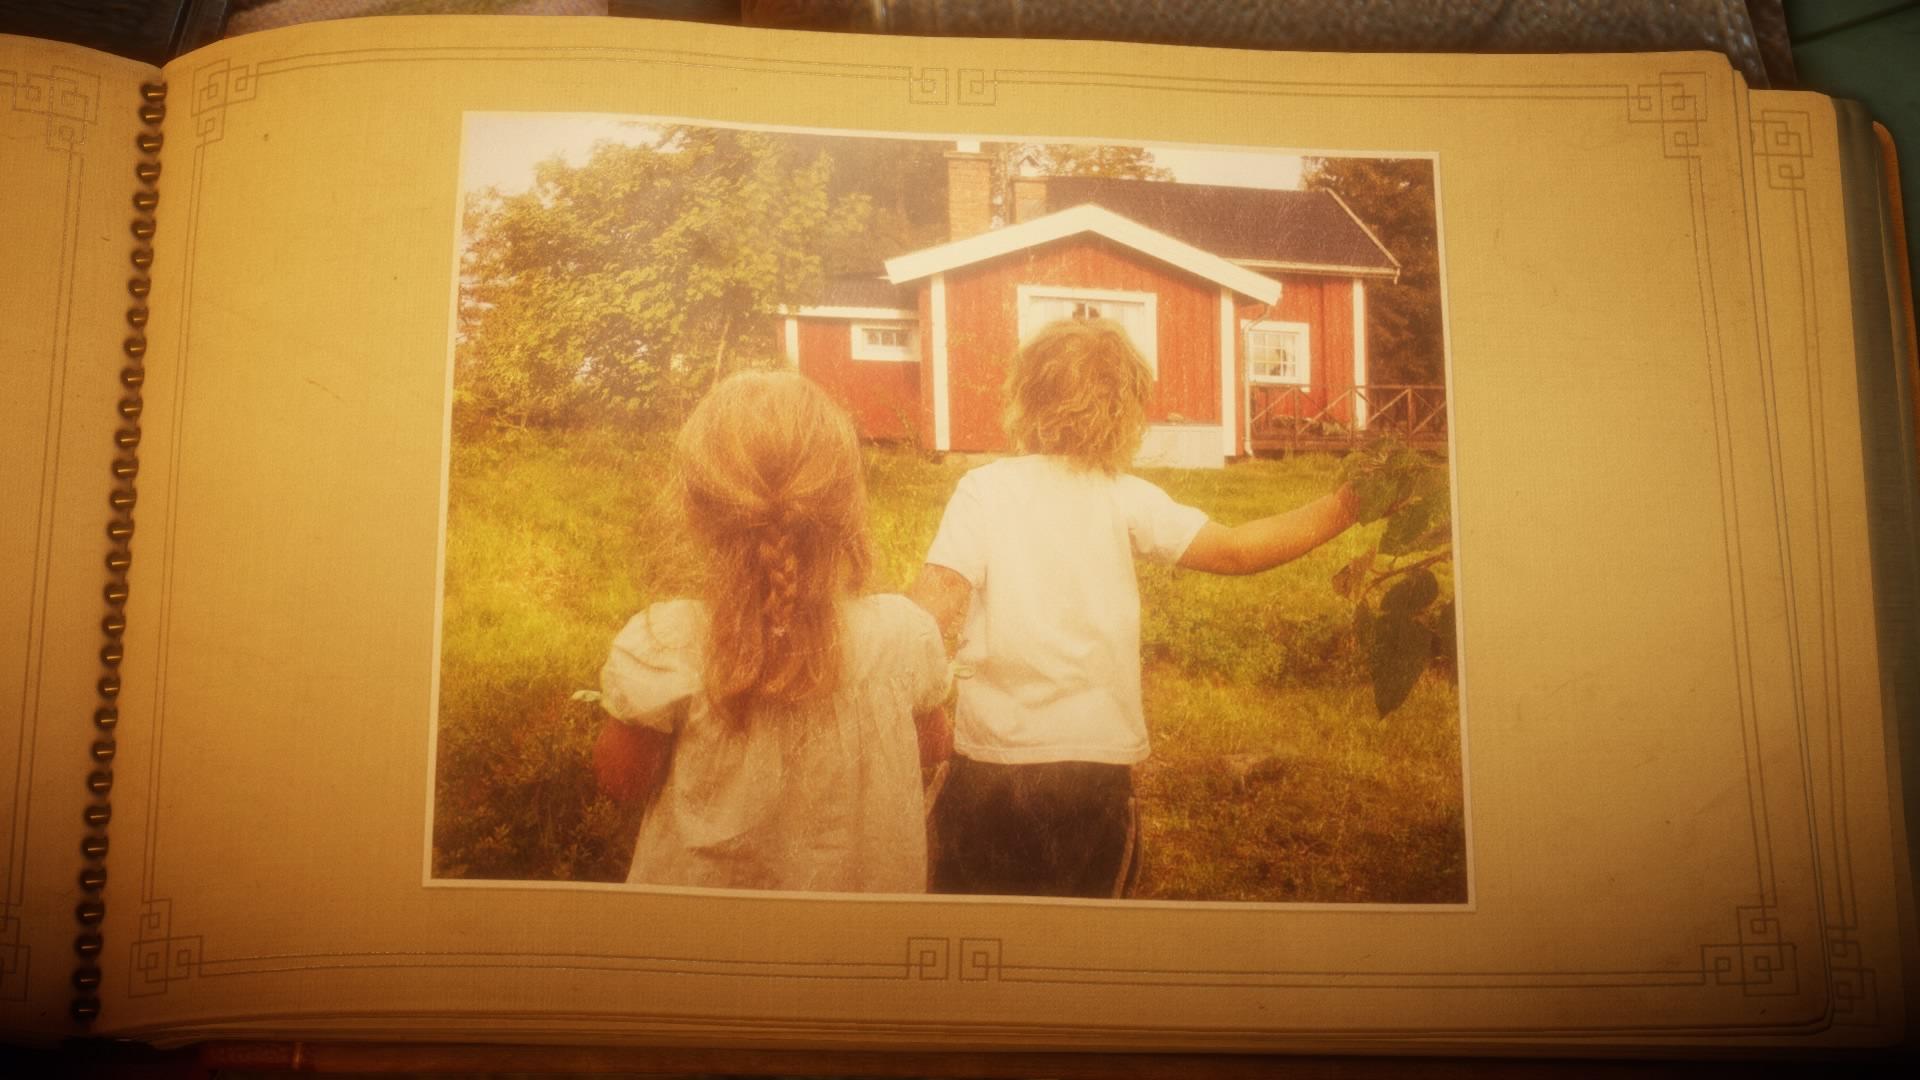 L'album photo souvenir